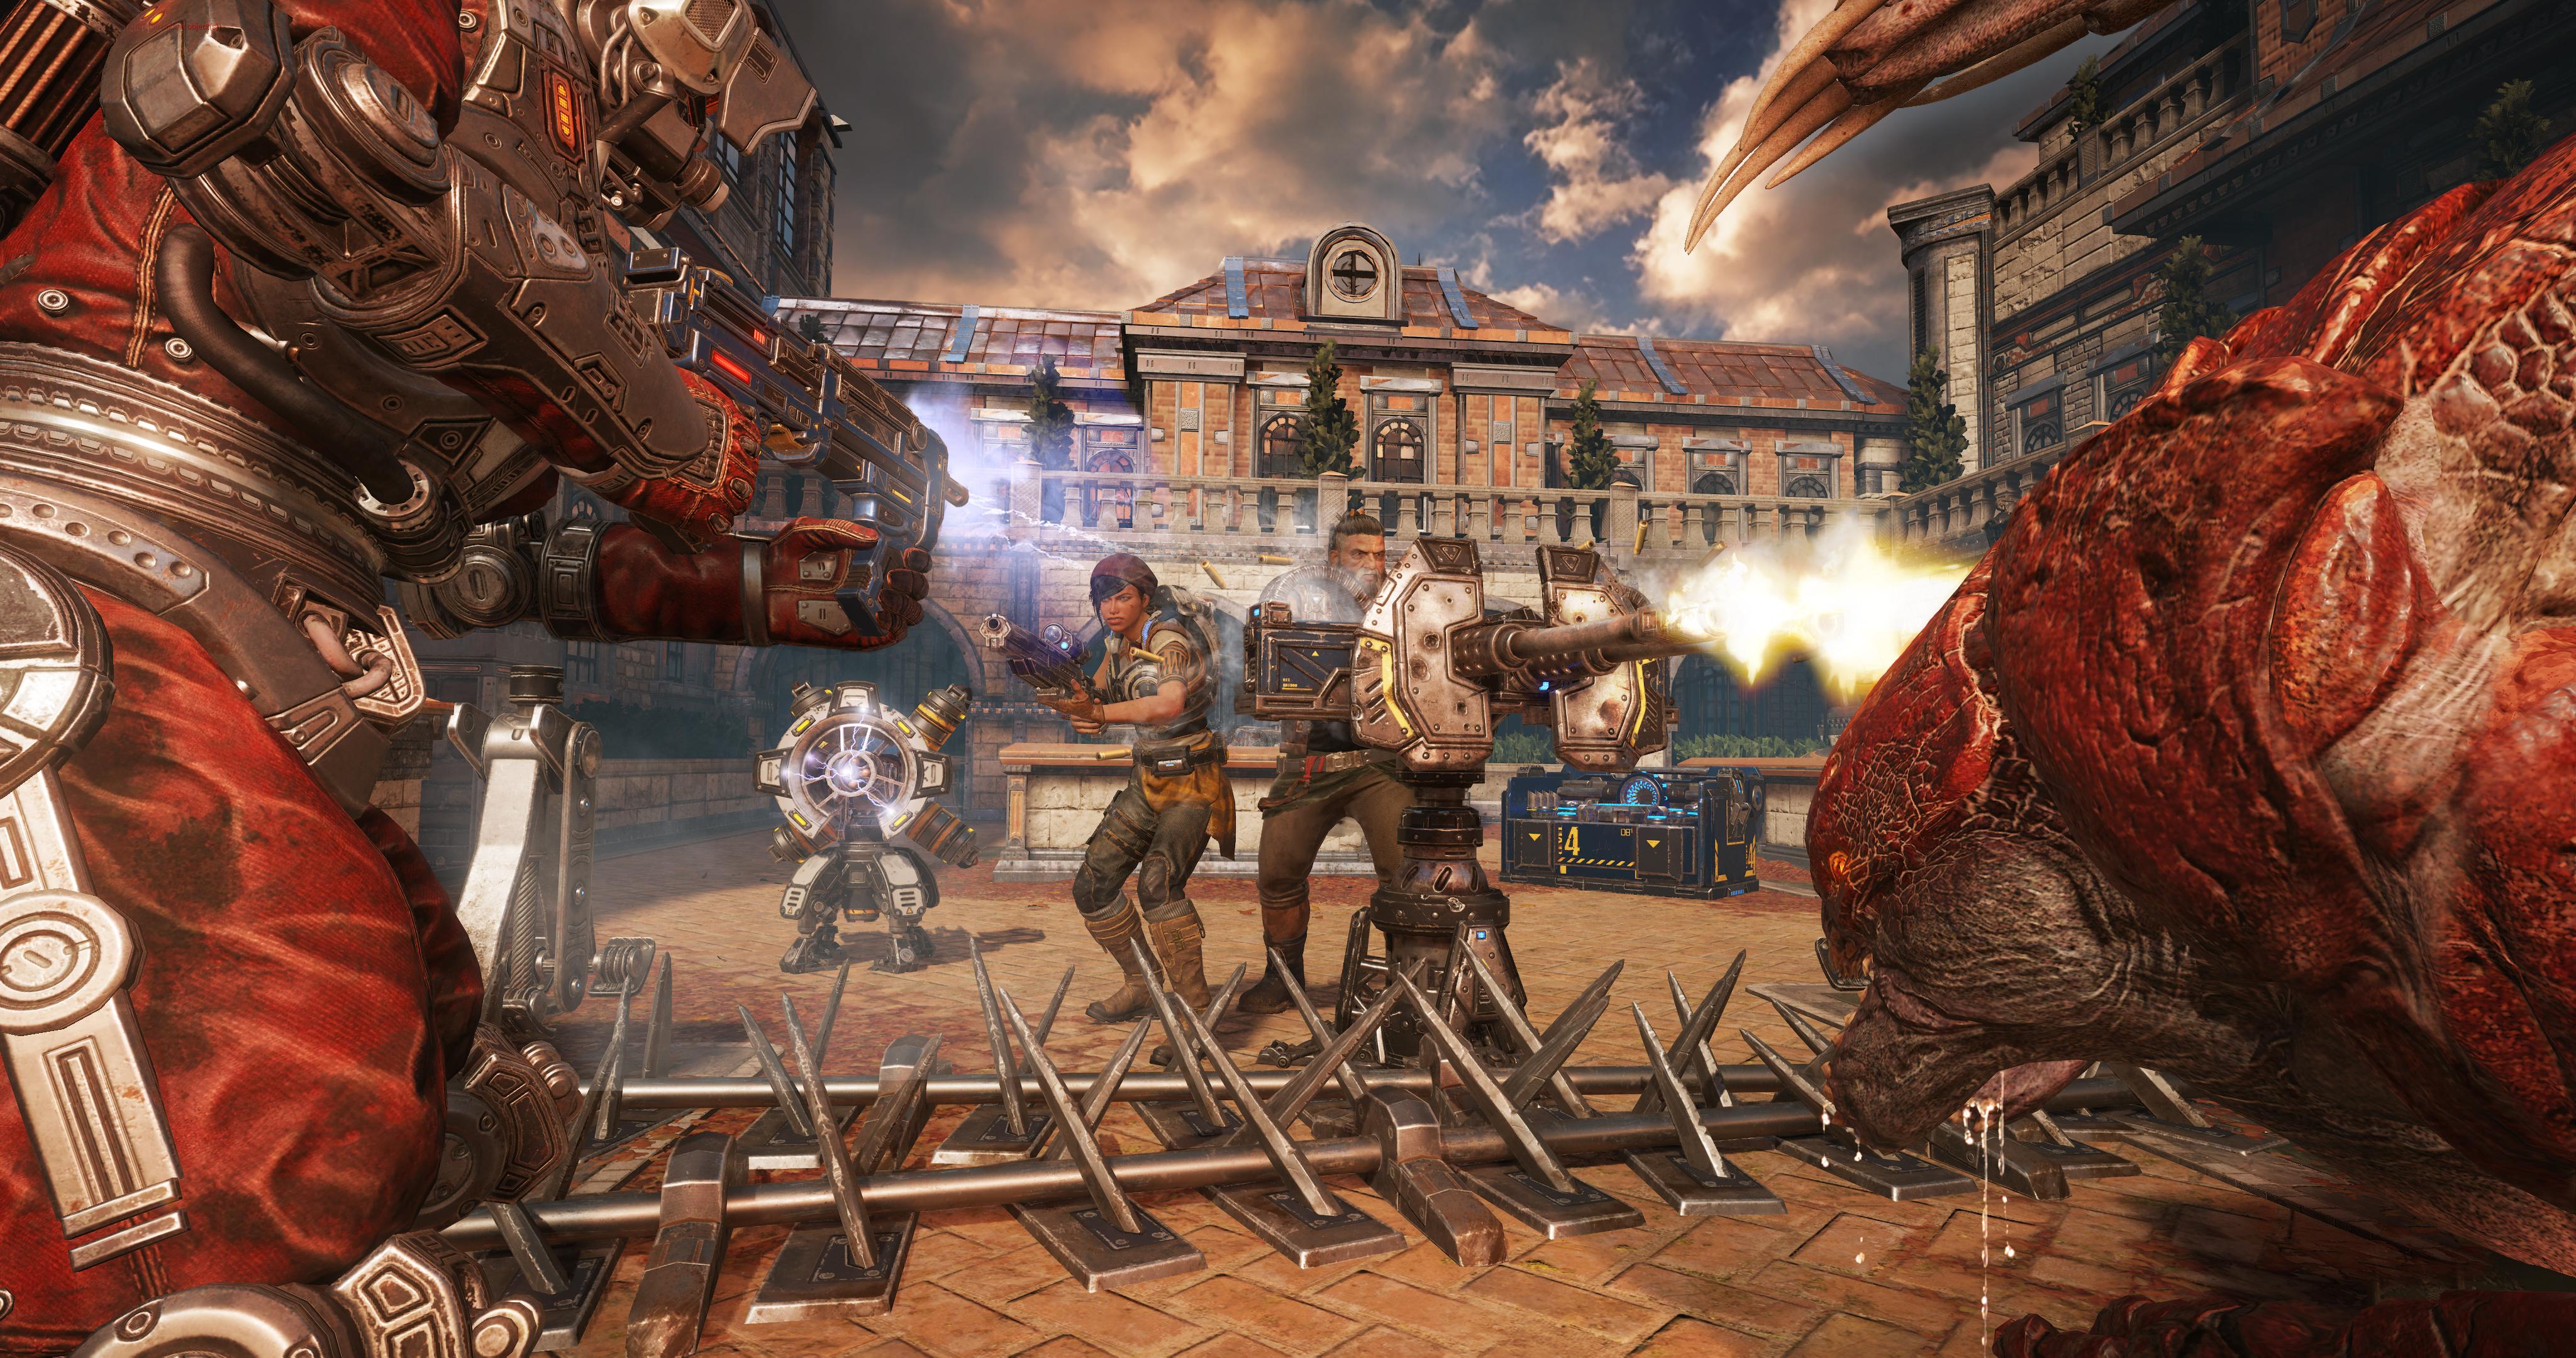 Le très populaire mode Horde revient avec des nouveautés comme des fortifications et des classes de personnage   Gears of War 4